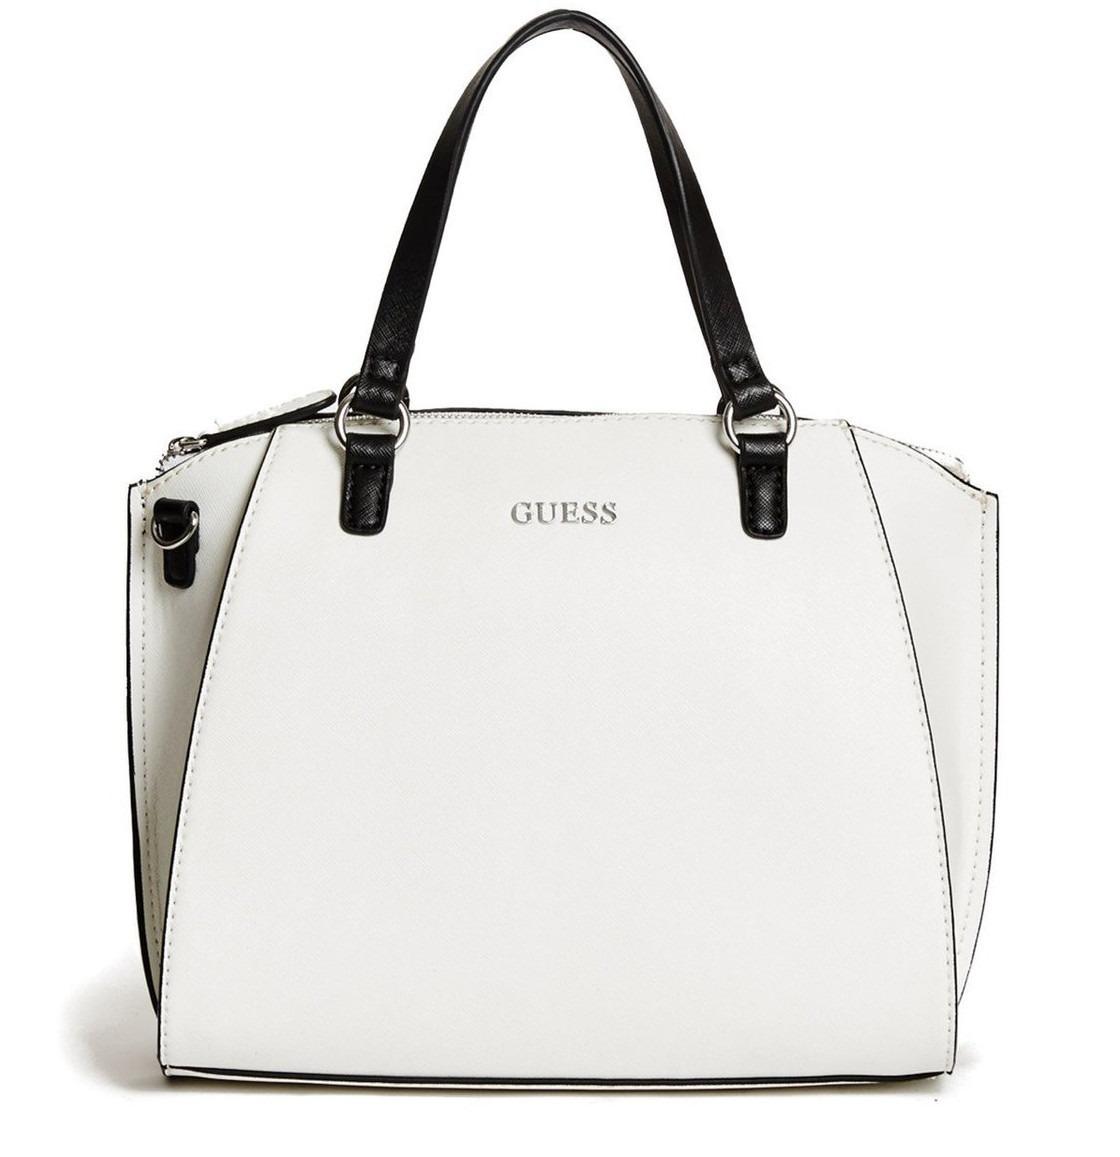 dd8a7af72 bolsa guess satchel preta/branca importada original promoção. Carregando  zoom.